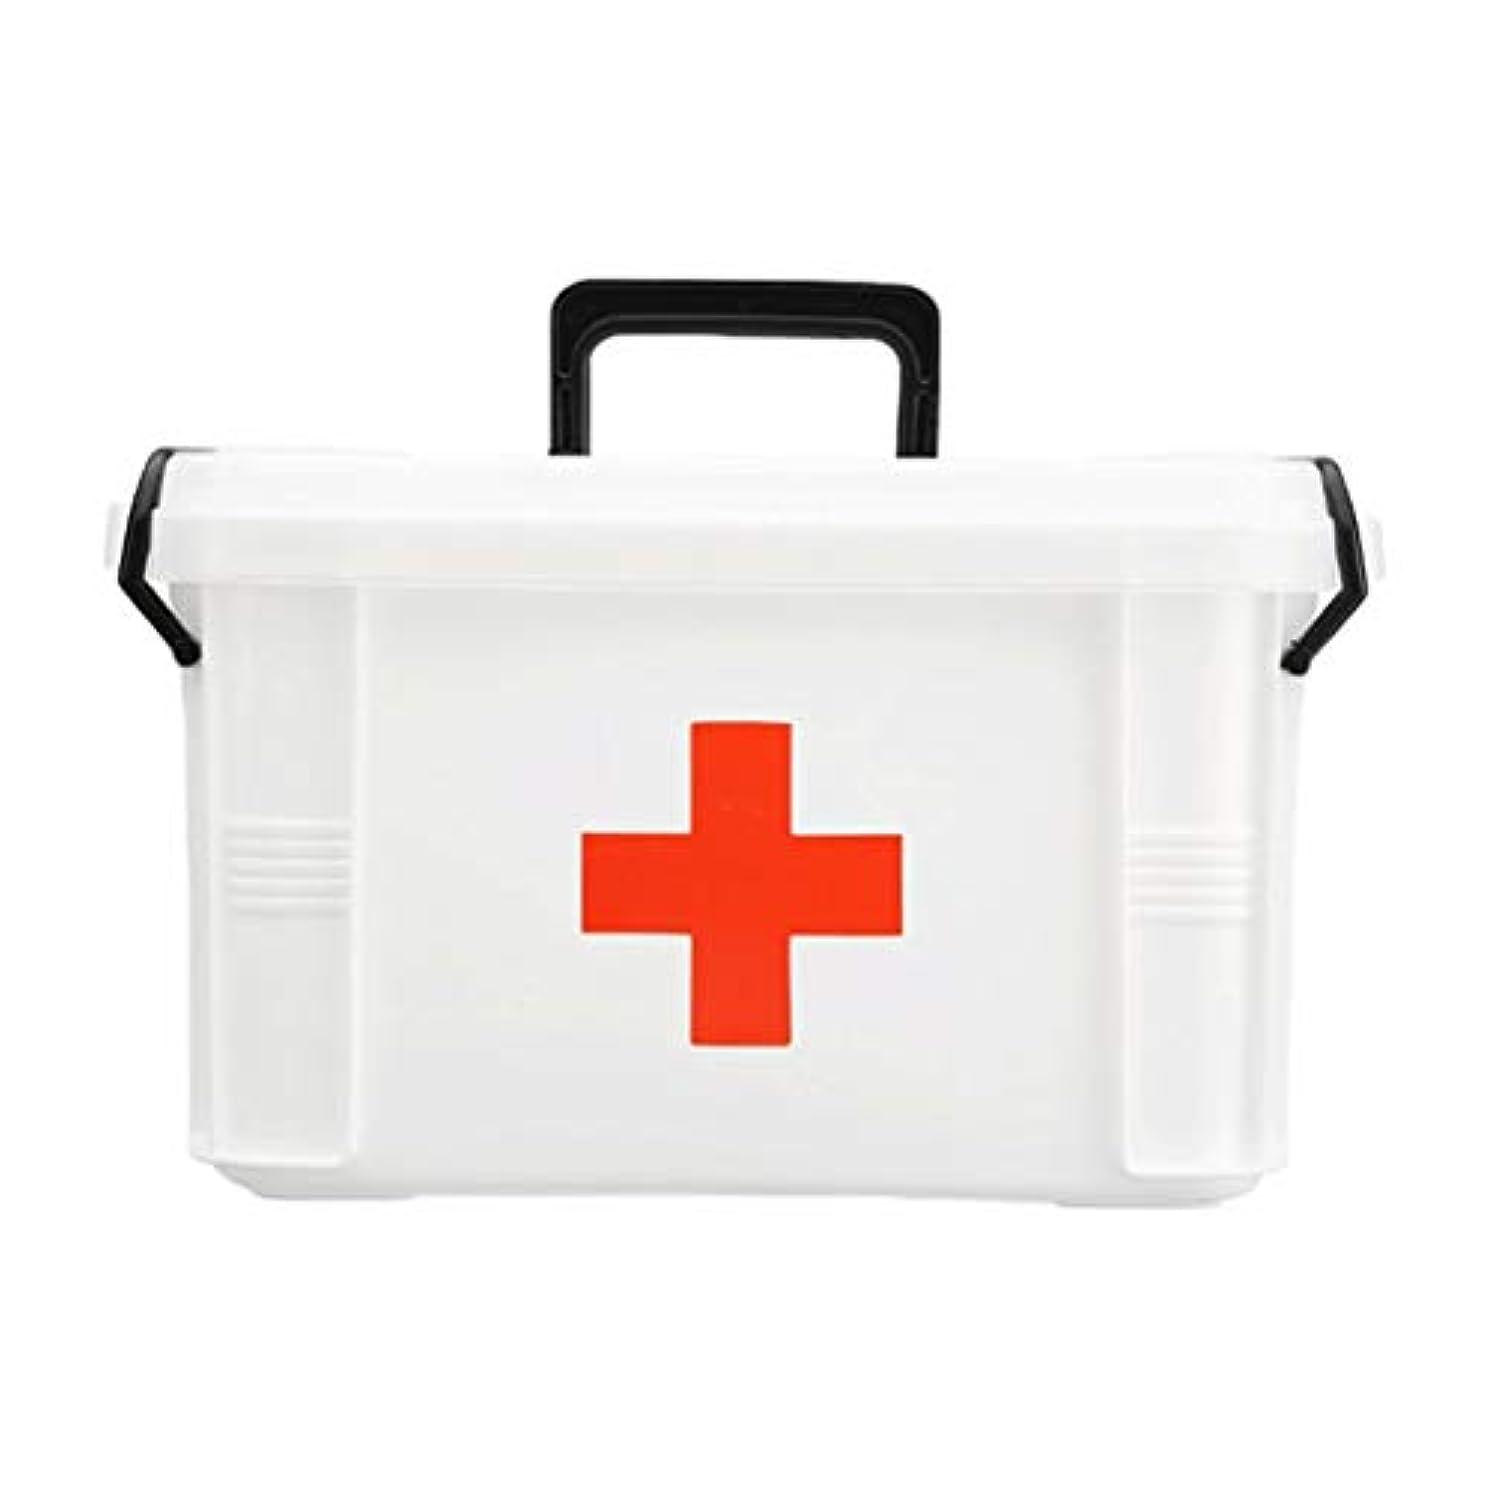 ブランドゴミしてはいけない家族大型プラスチック製の薬箱子供多層応急処置キット健康収納ボックス HUXIUPING (Size : Extra Large)